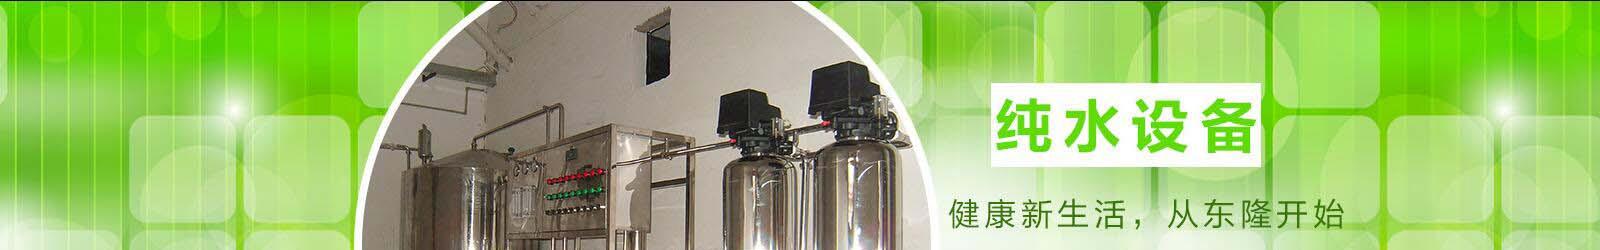 黑龙江一体化污水处理设备